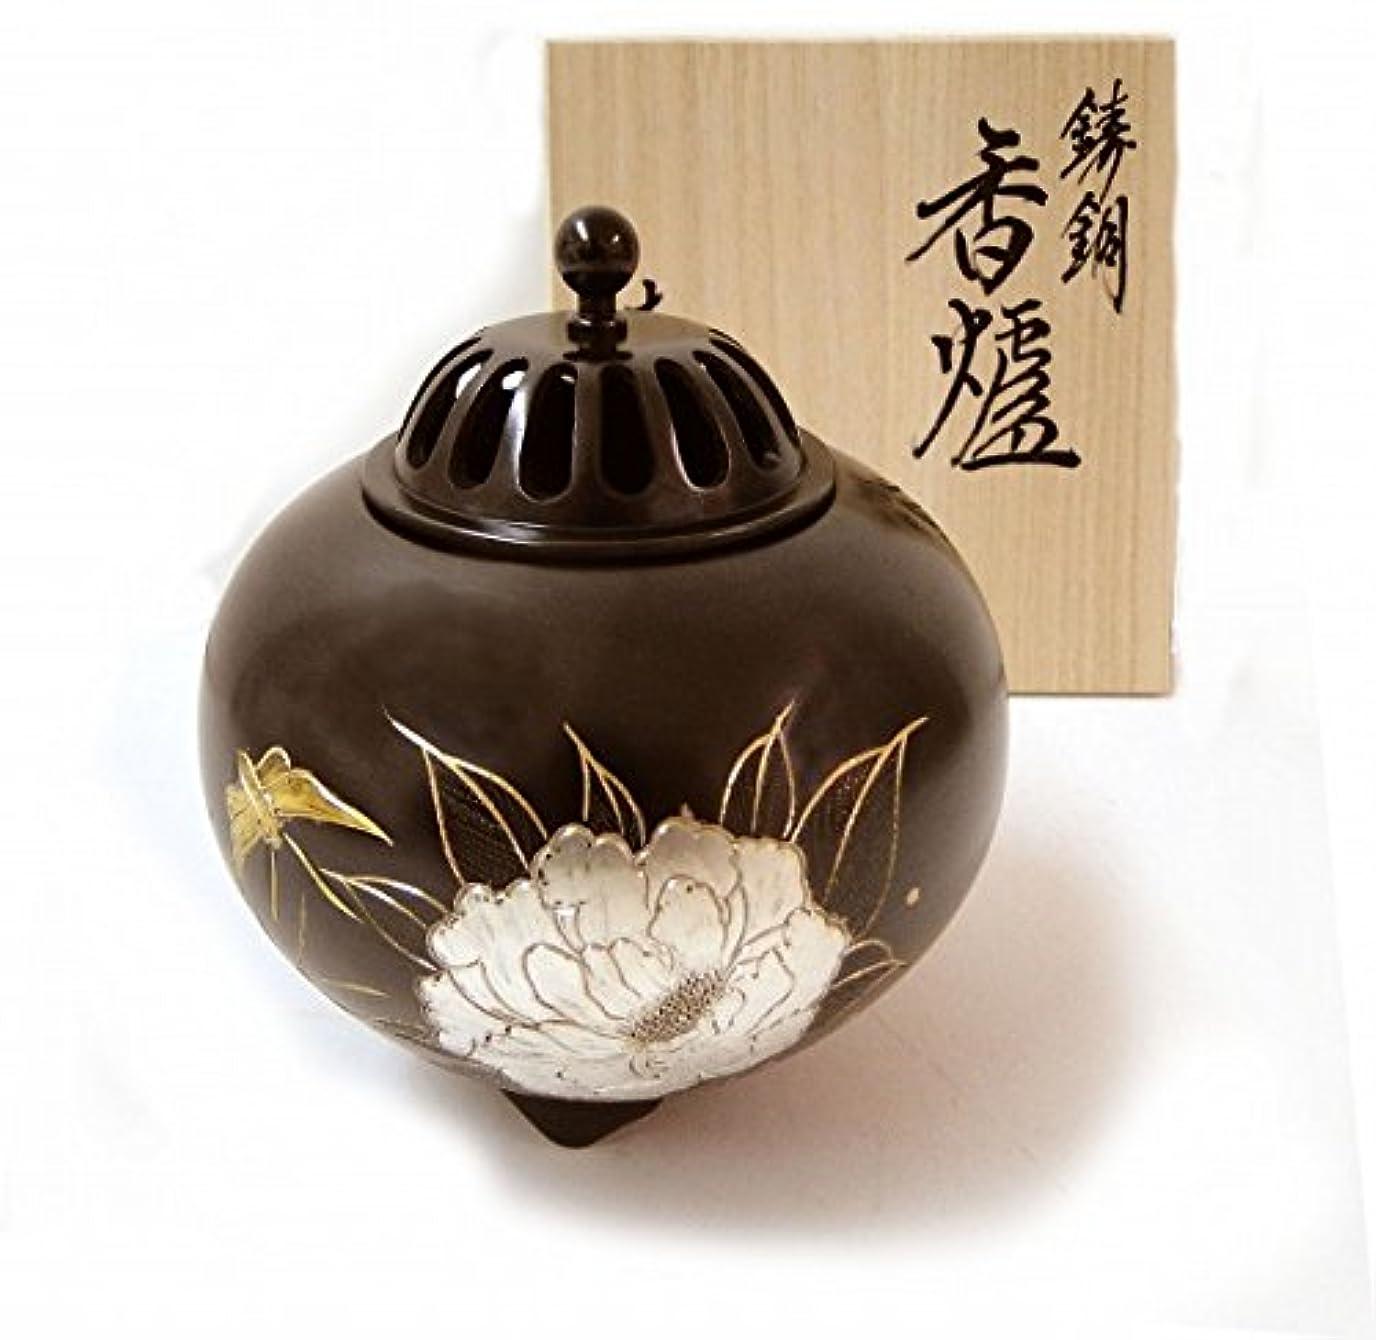 ラベアレルギー性トン『平丸香炉?牡丹』銅製